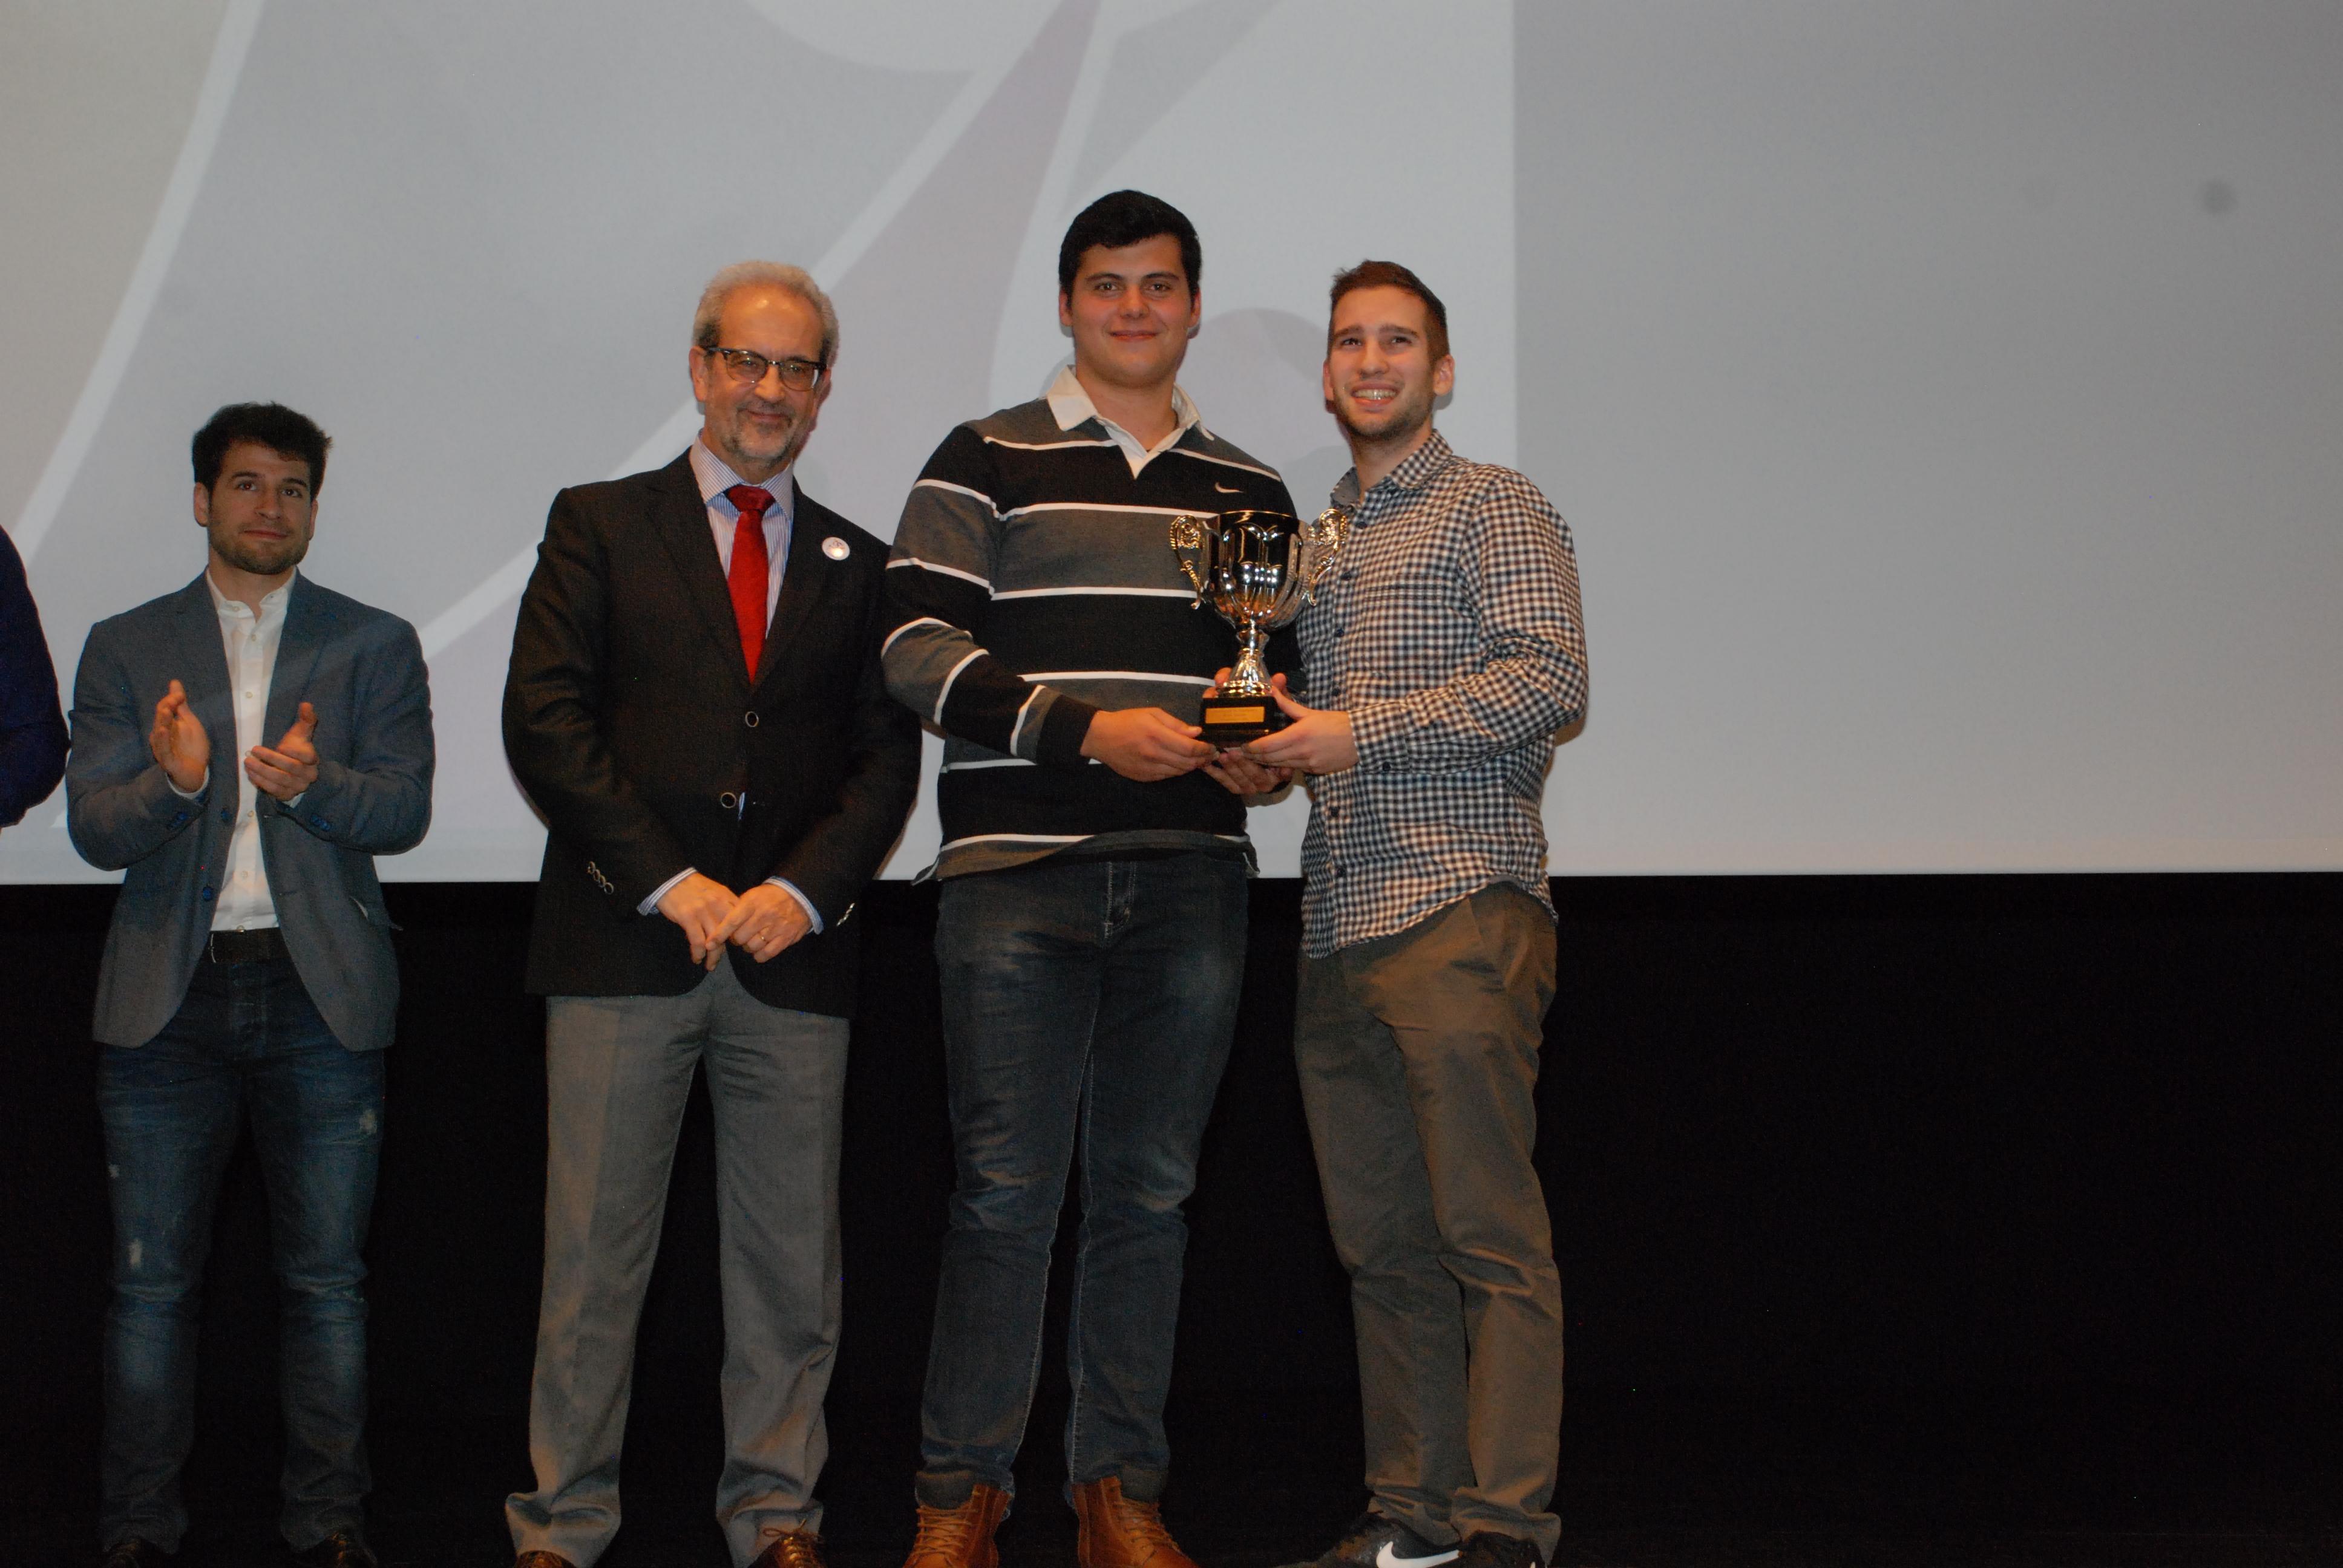 El Servicio de Educación Física y Deportes hizo entrega de sus XXVII Premios Anuales del Deporte Universitario